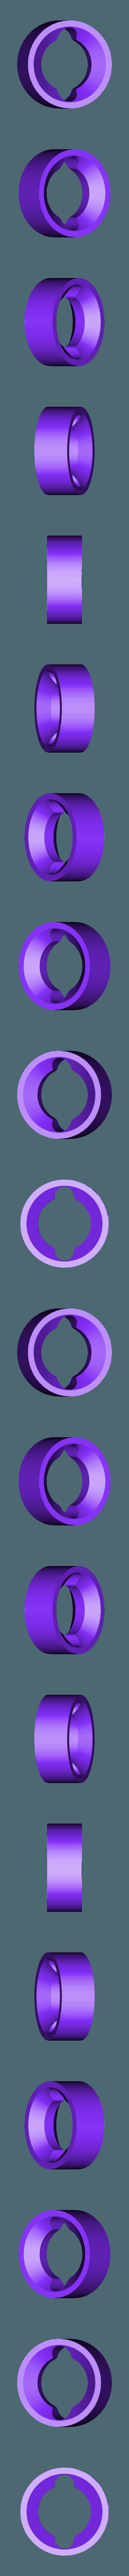 bat-holder.stl Télécharger fichier STL gratuit Etai Light Up • Modèle pour impression 3D, Adafruit